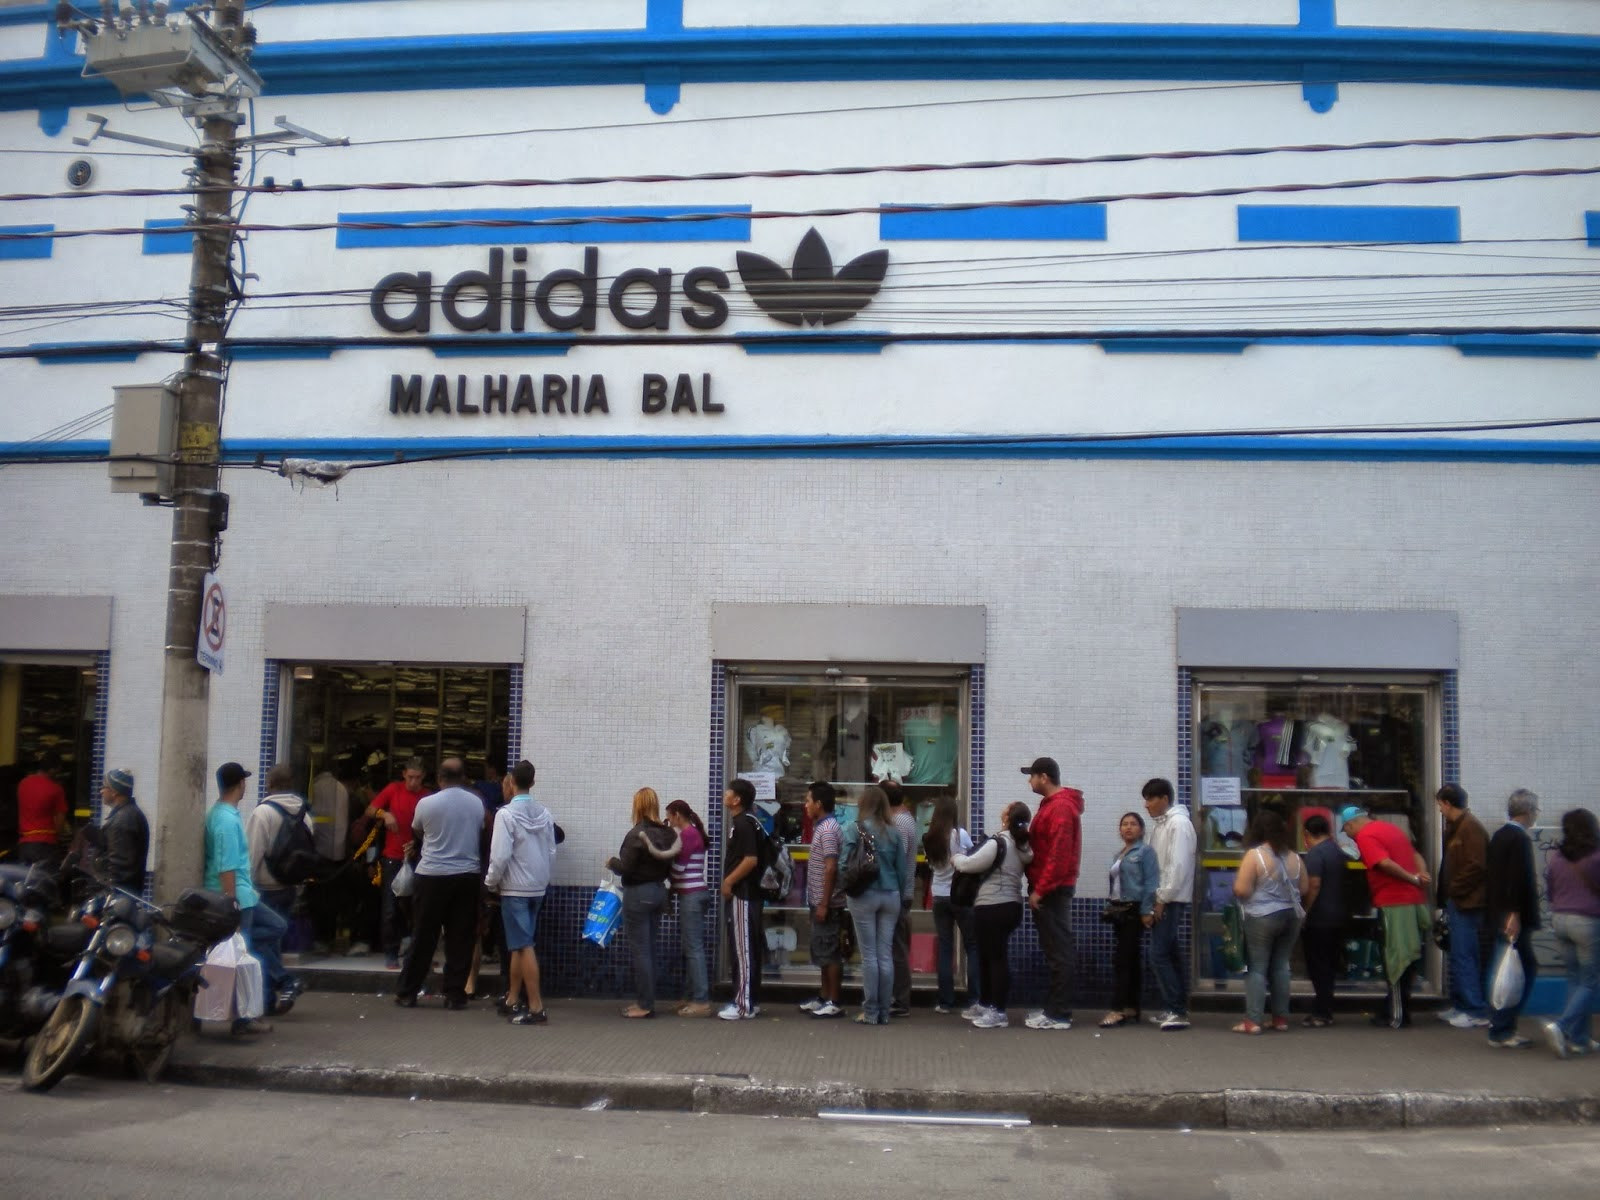 loja outlet adidas curitiba